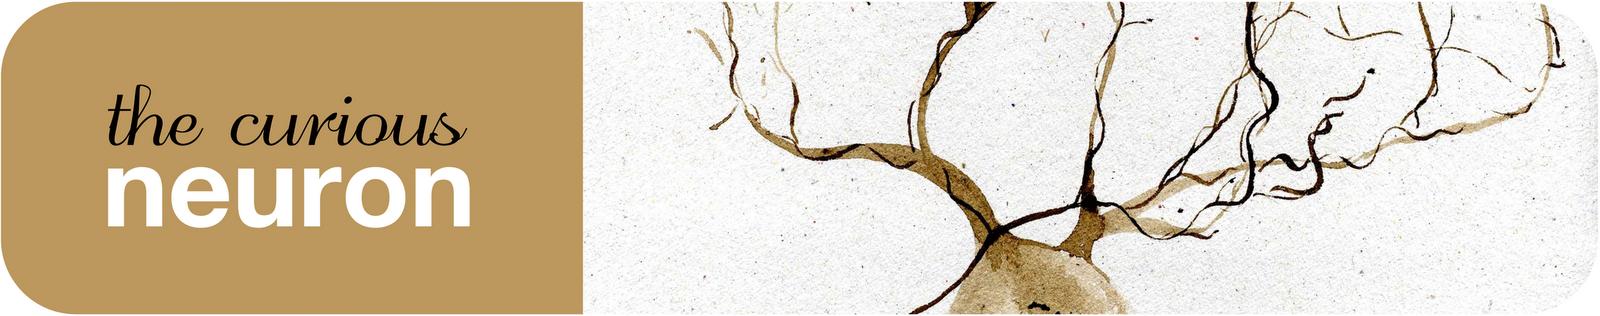 The curious neuron